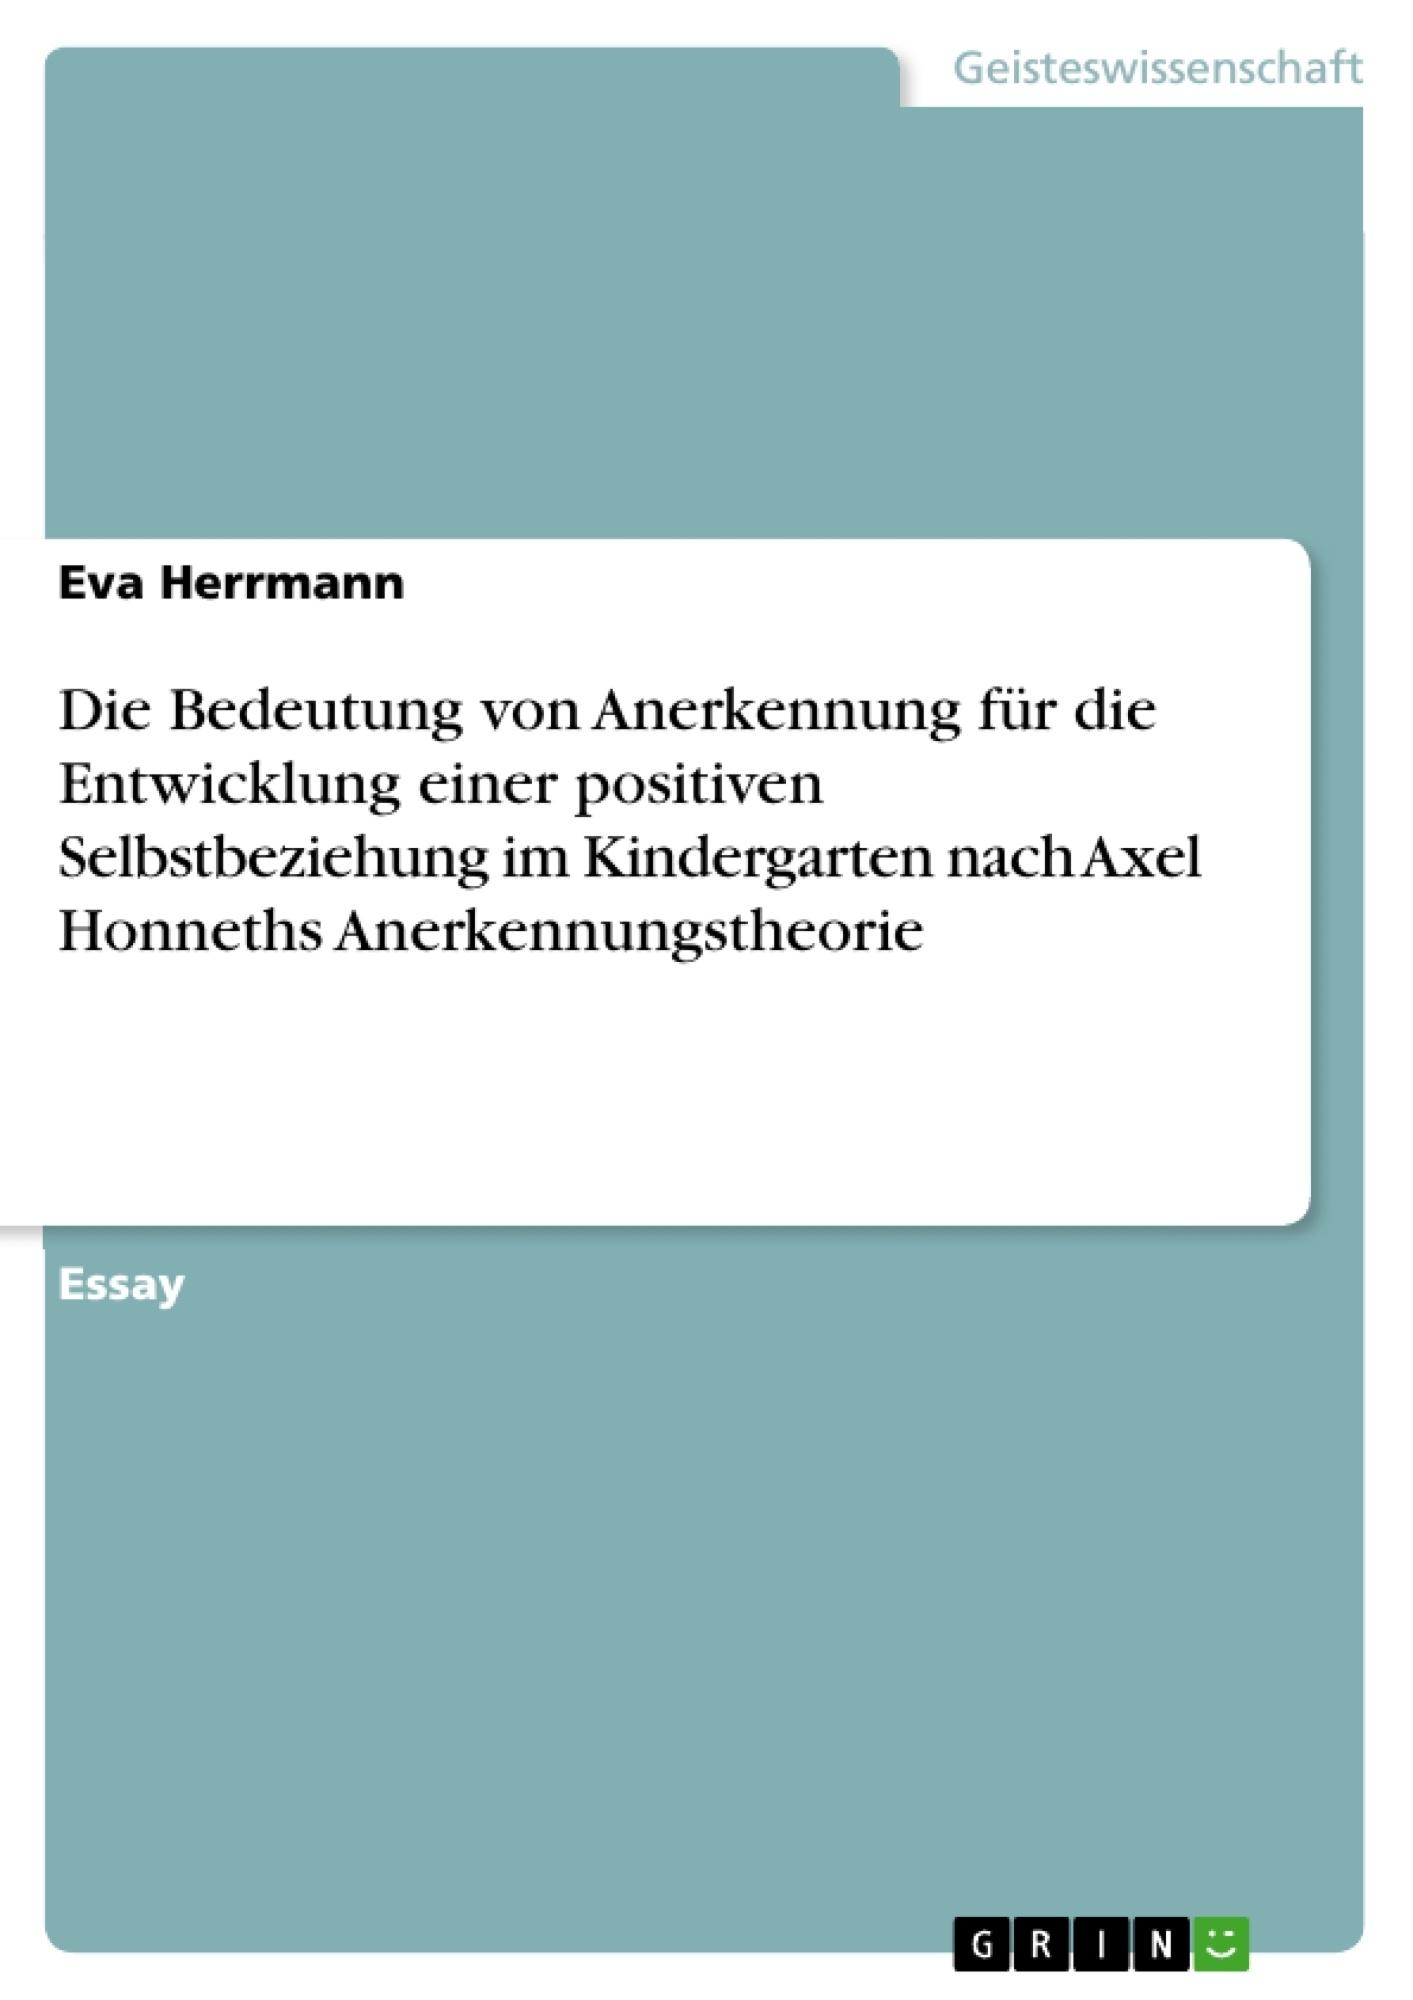 Titel: Die Bedeutung von Anerkennung für die Entwicklung einer positiven Selbstbeziehung im Kindergarten nach Axel Honneths Anerkennungstheorie